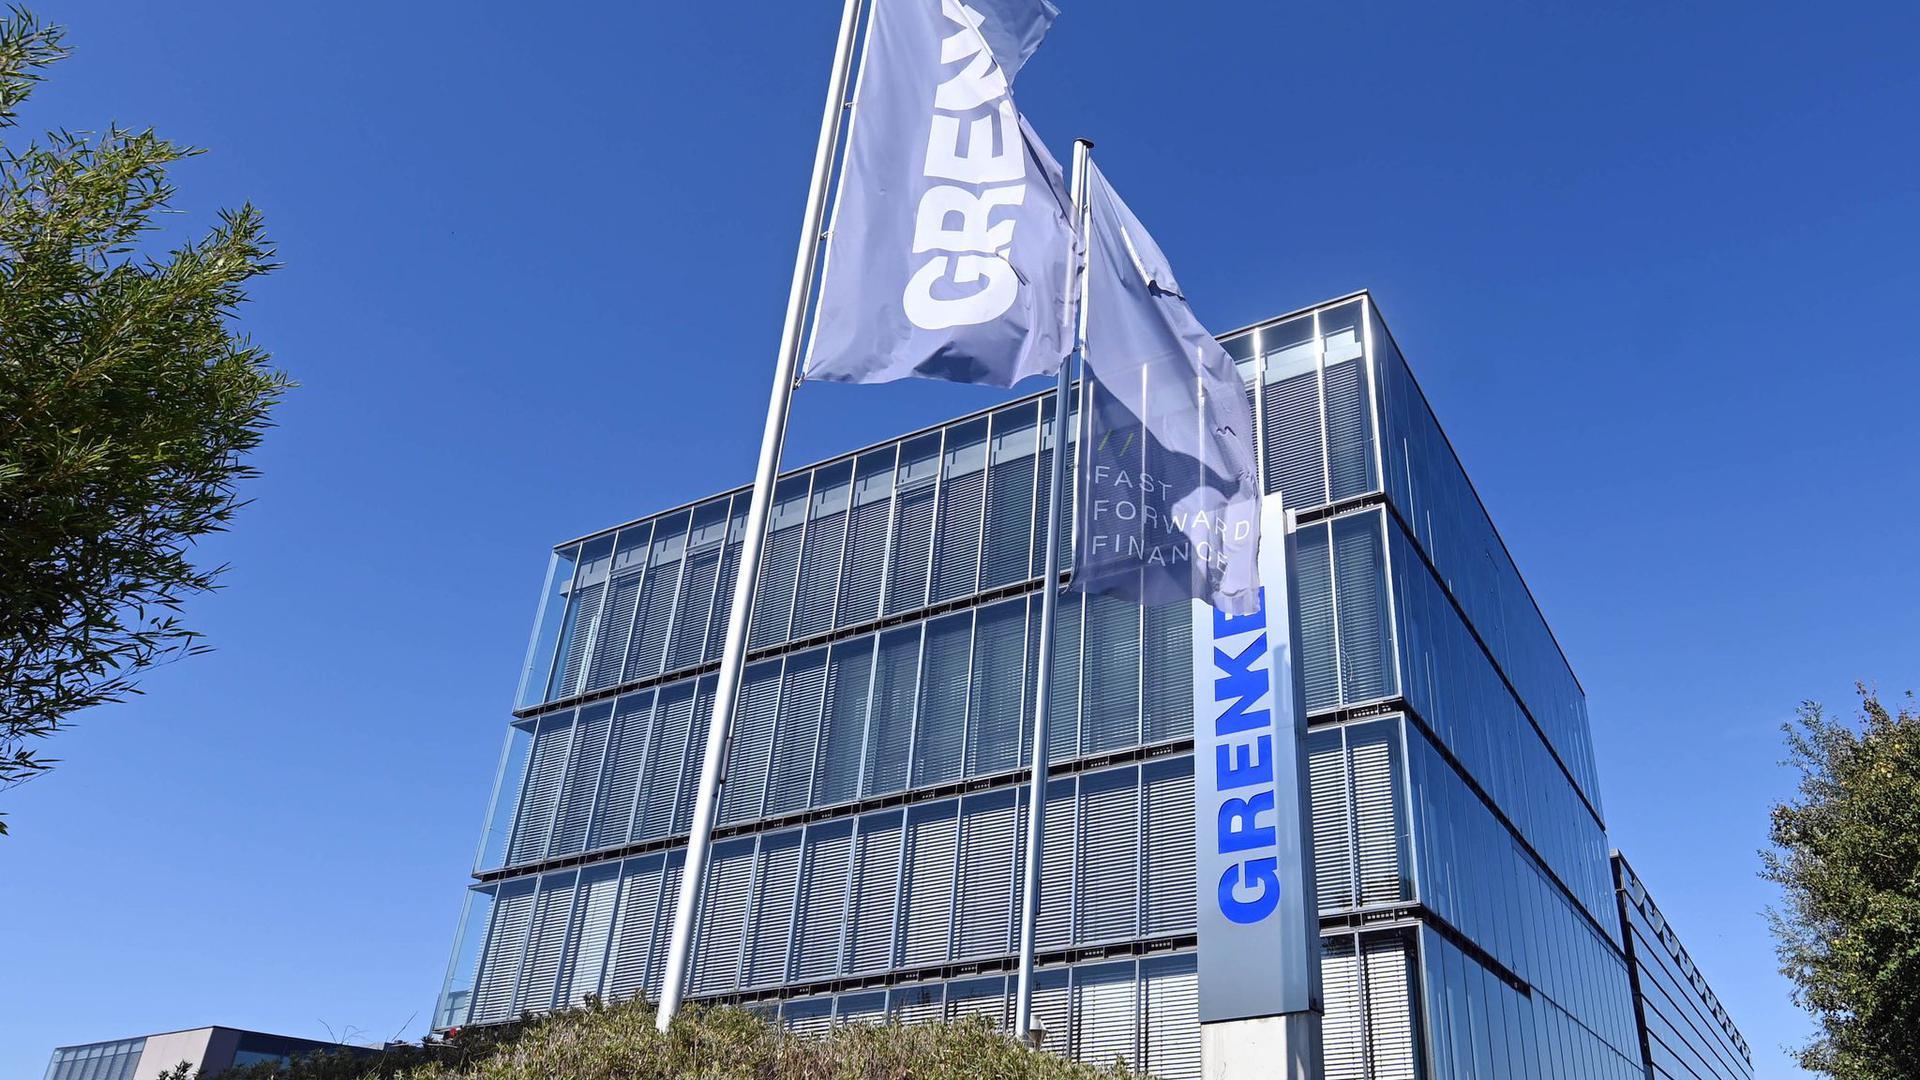 Der Baden-Badener Finanzdienstleister Grenke hatte in den vergangenen Monaten zwei Mal mit starken Kurseinbrüchen zu kämpfen.